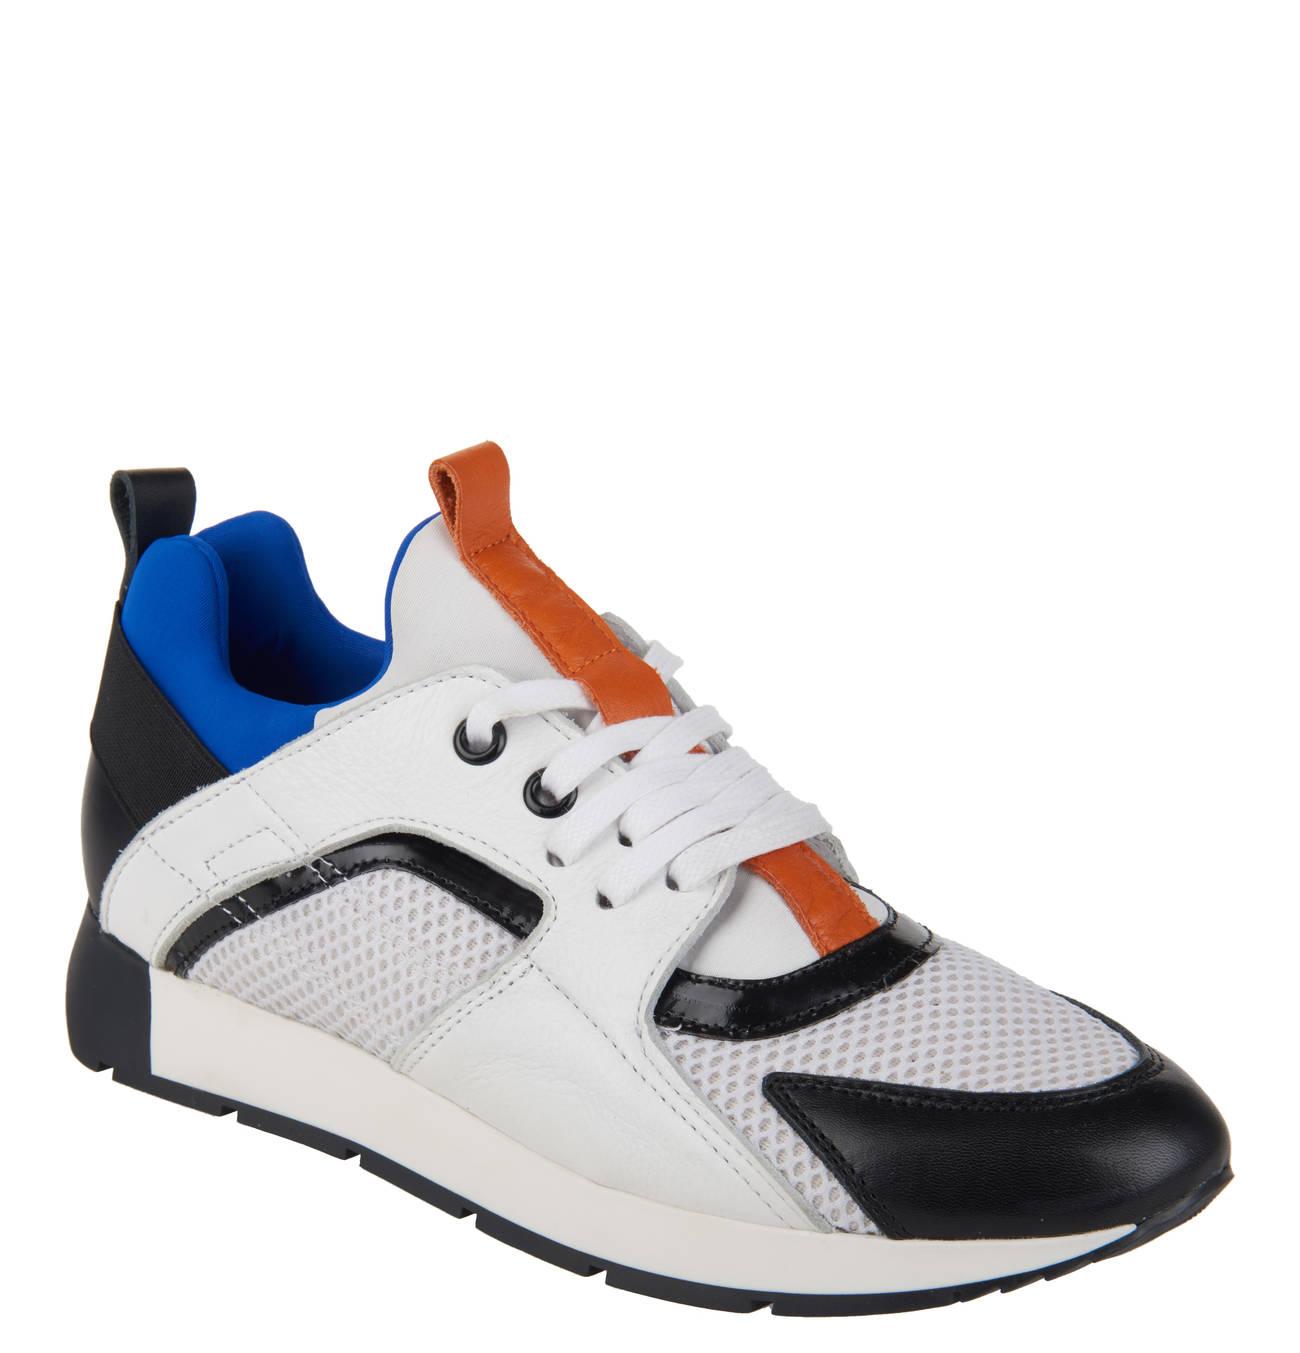 XL Sneaker, Leder Einsätze, Mesh, Schnürung in 2019